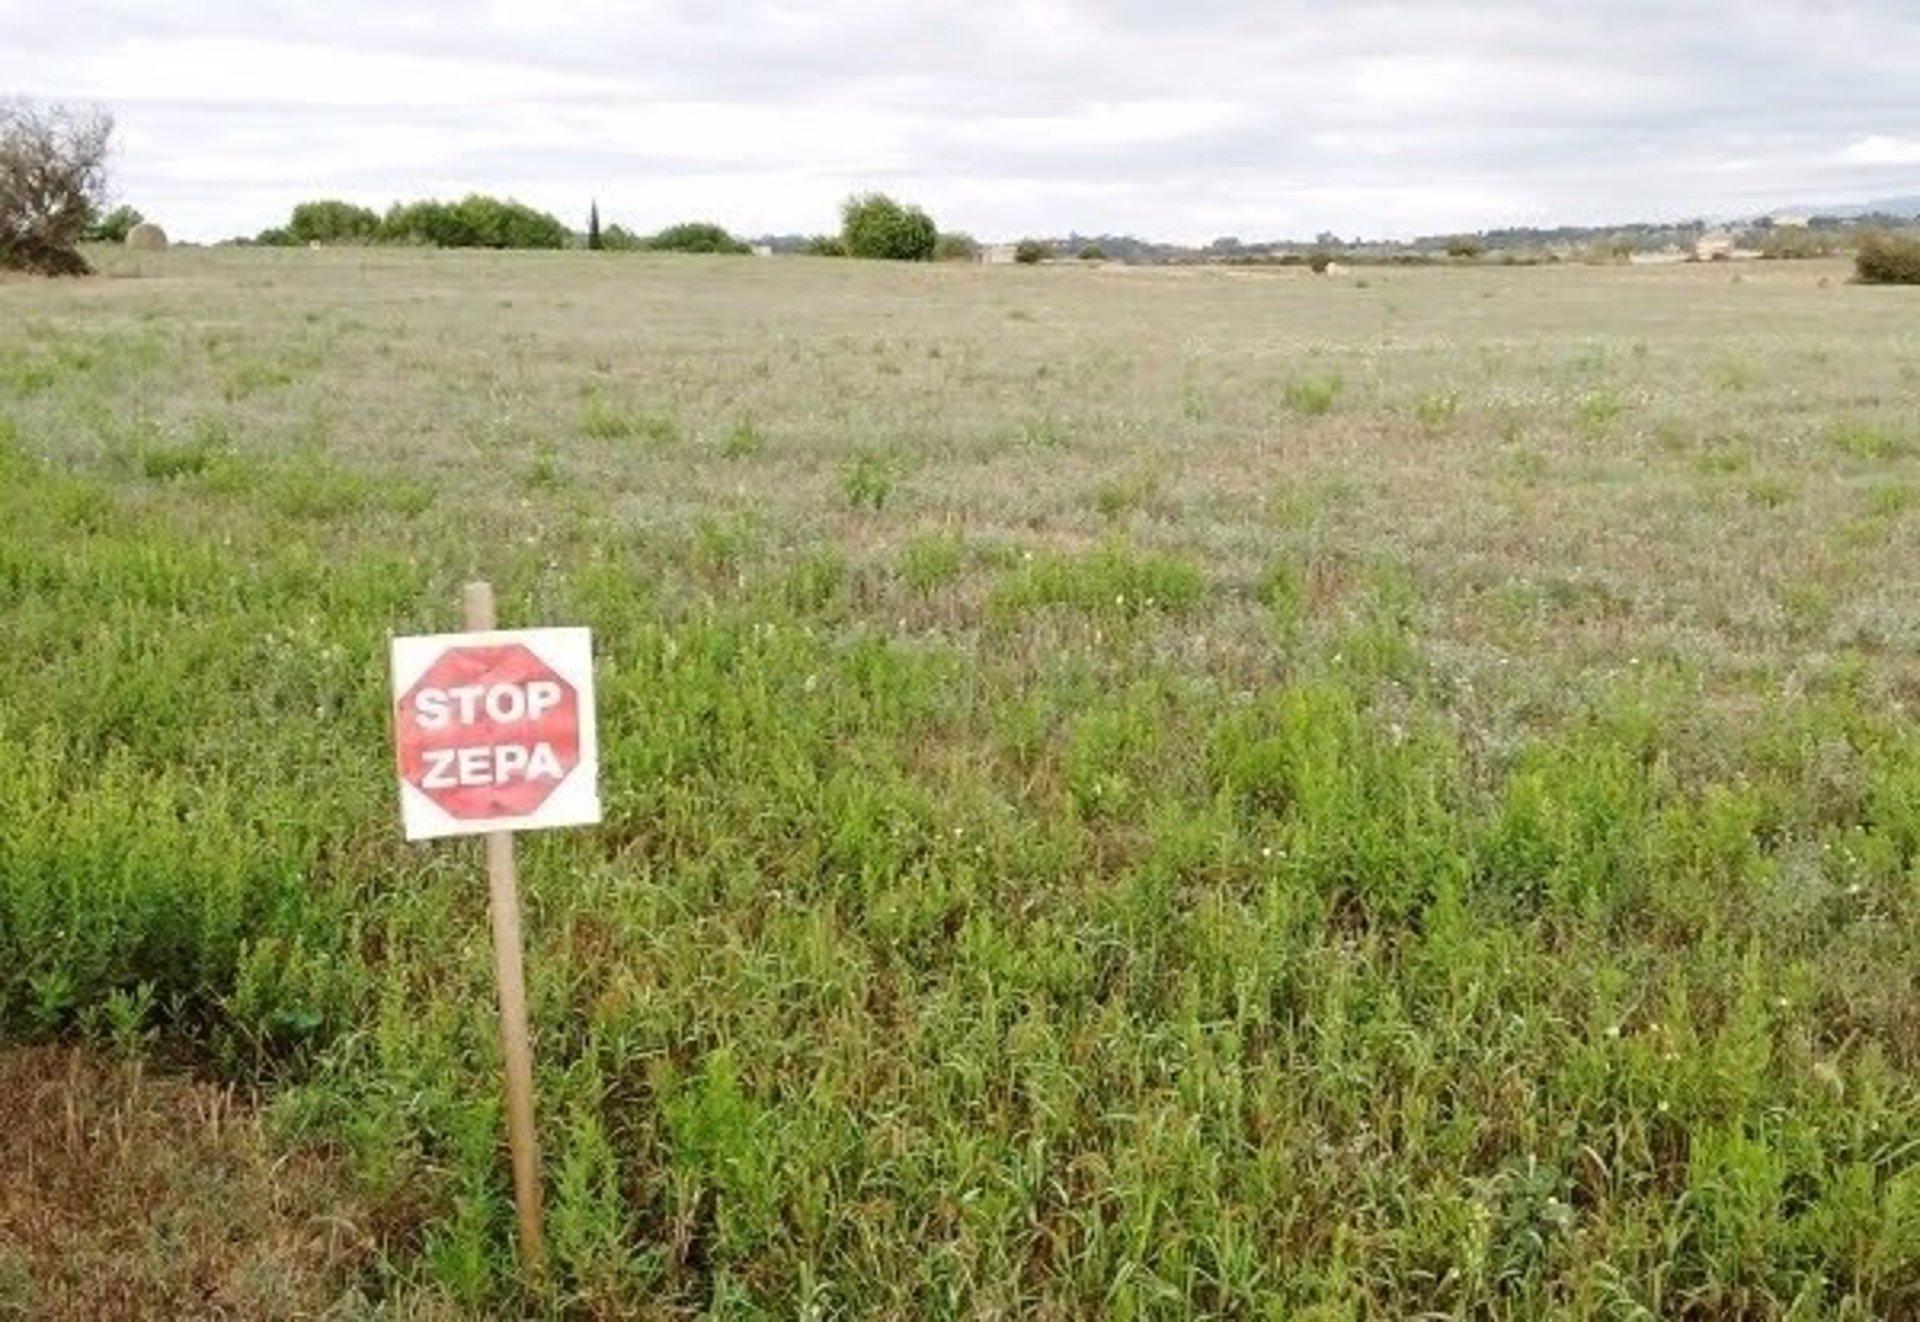 Govern: Las ZEPA no suponen ningún perjuicio a las actividades agrícolas, ganaderas o cinegéticas